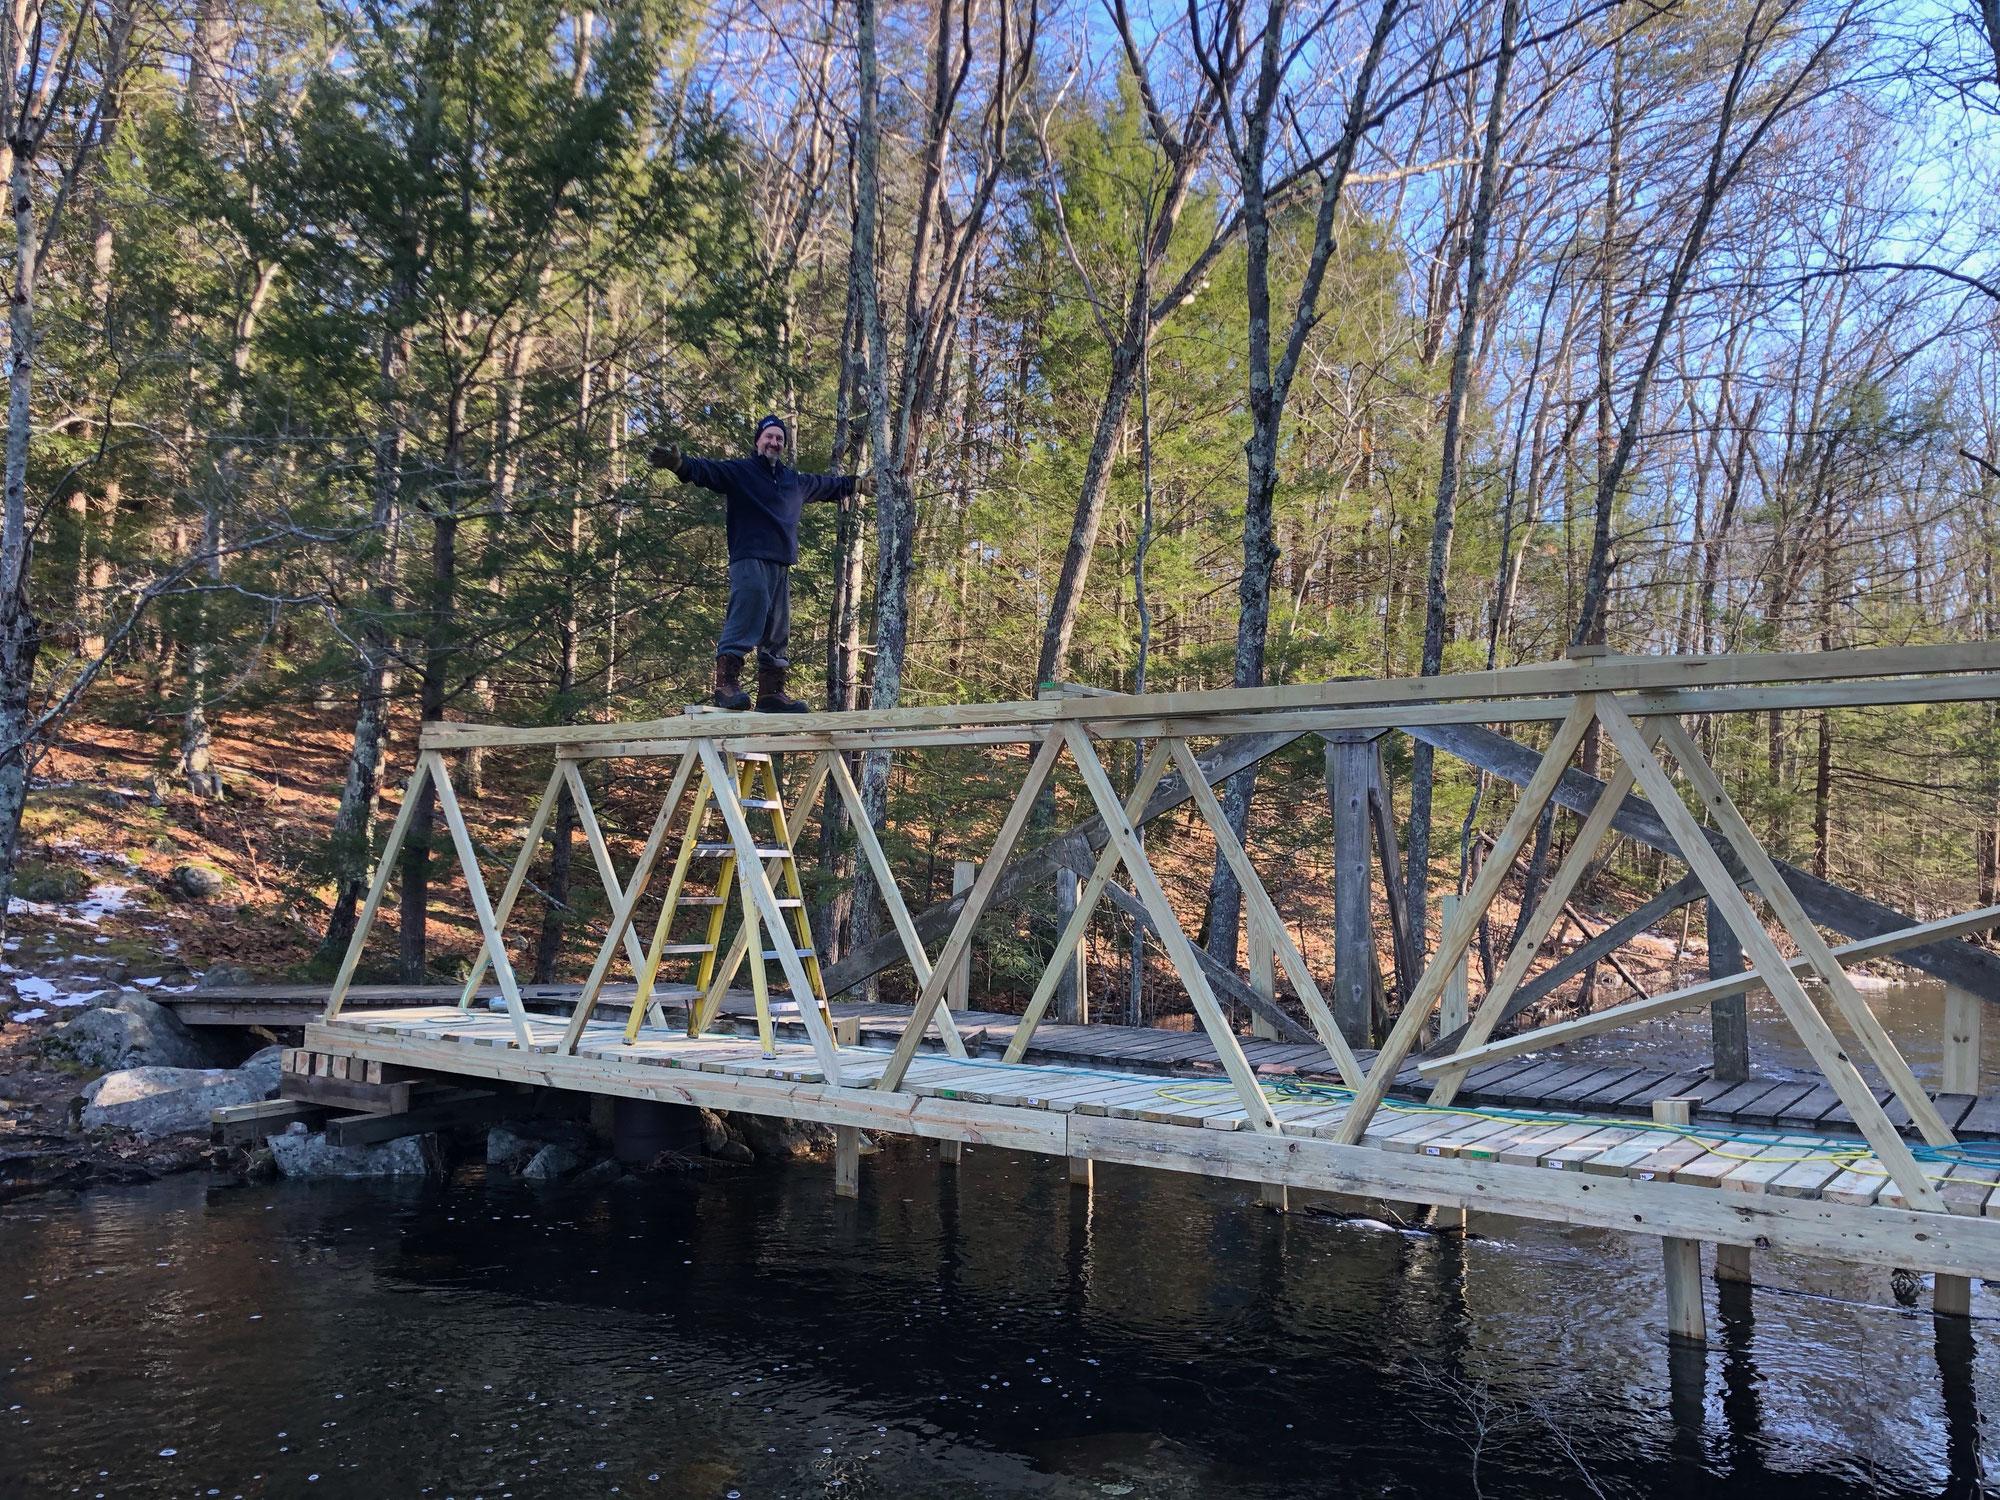 New Bridge in Joe English